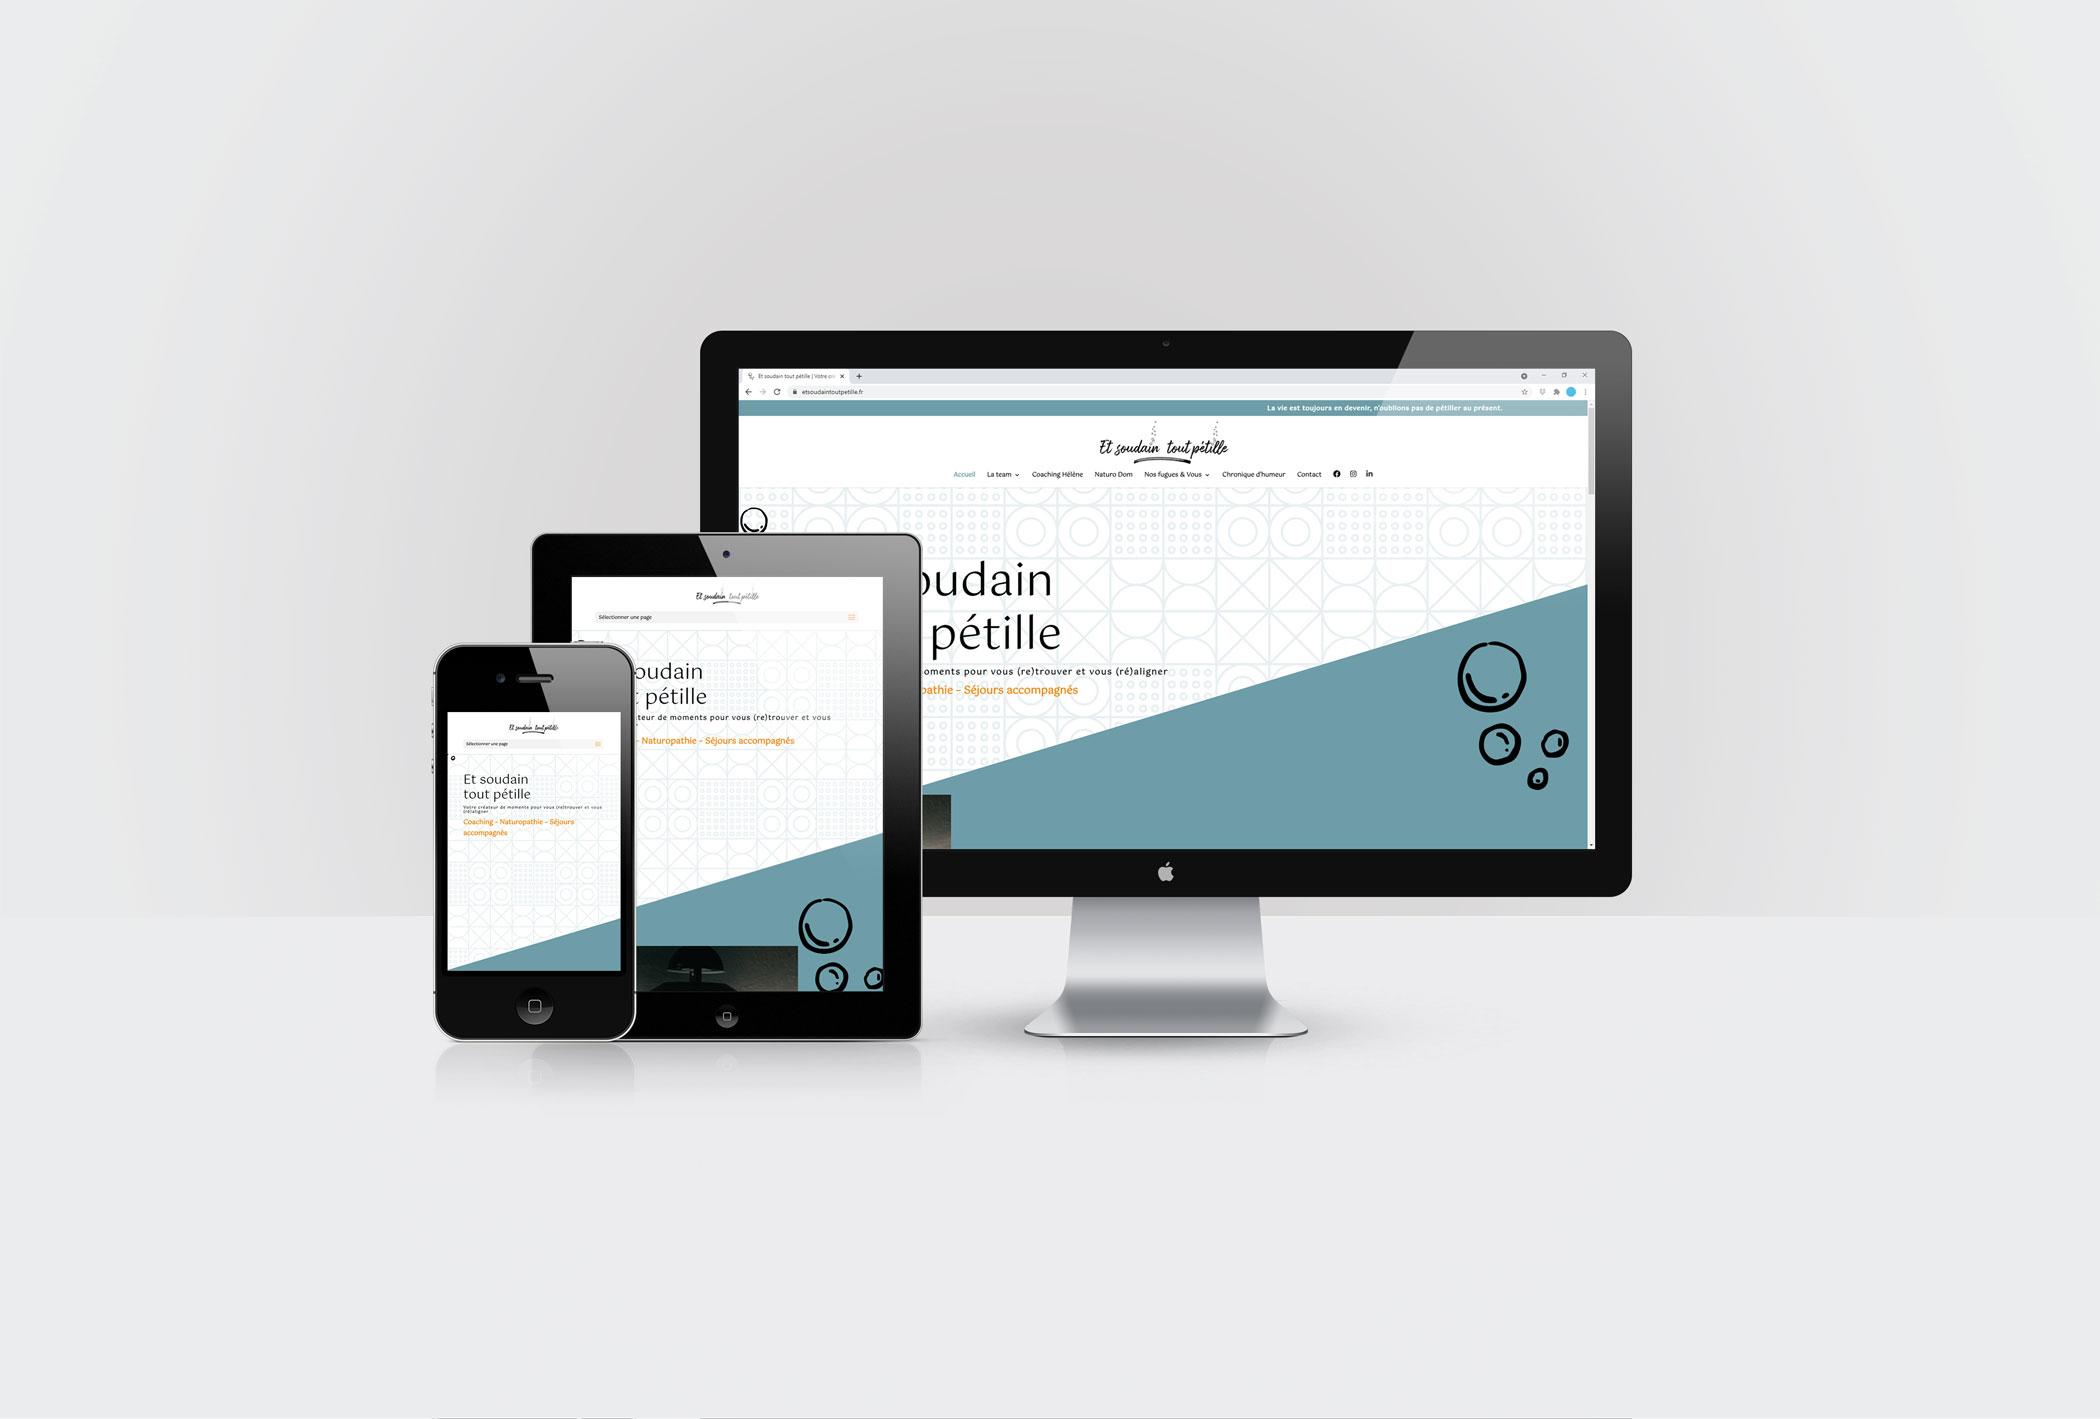 Formation animer son site internet WordPress avec DIVI pour Et soudain tout pétille par CréaPAGES